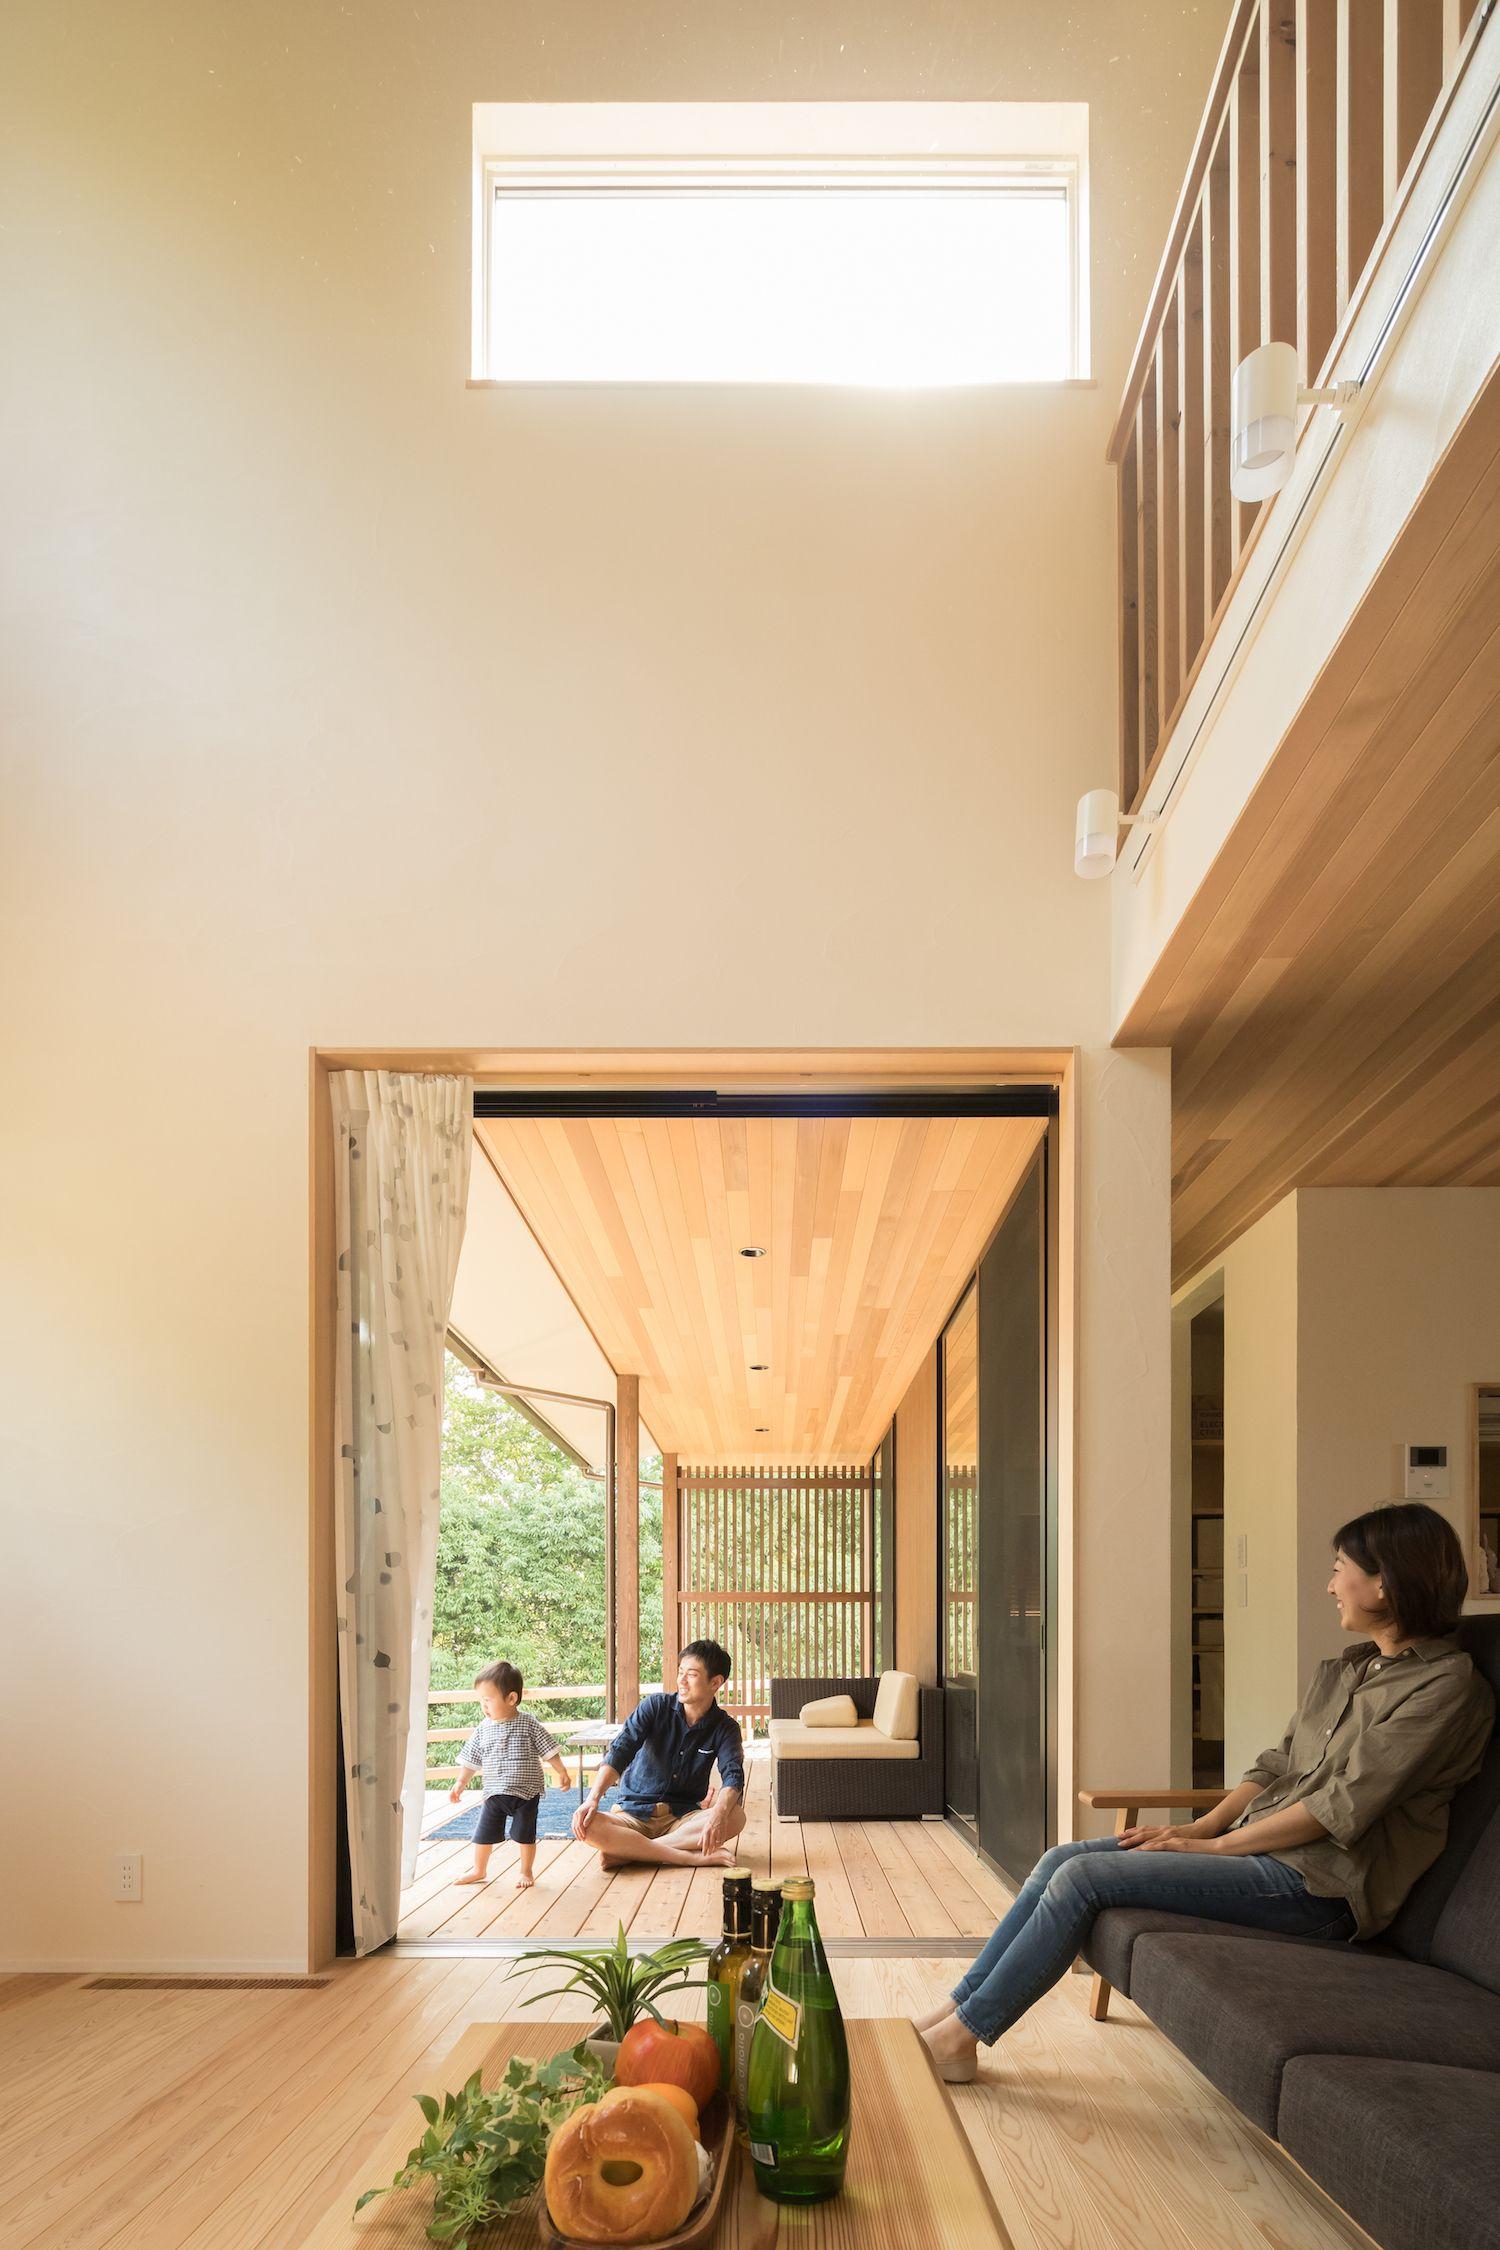 光と風と緑の家 家 デザイナーズ ハウス モダンハウスデザイン